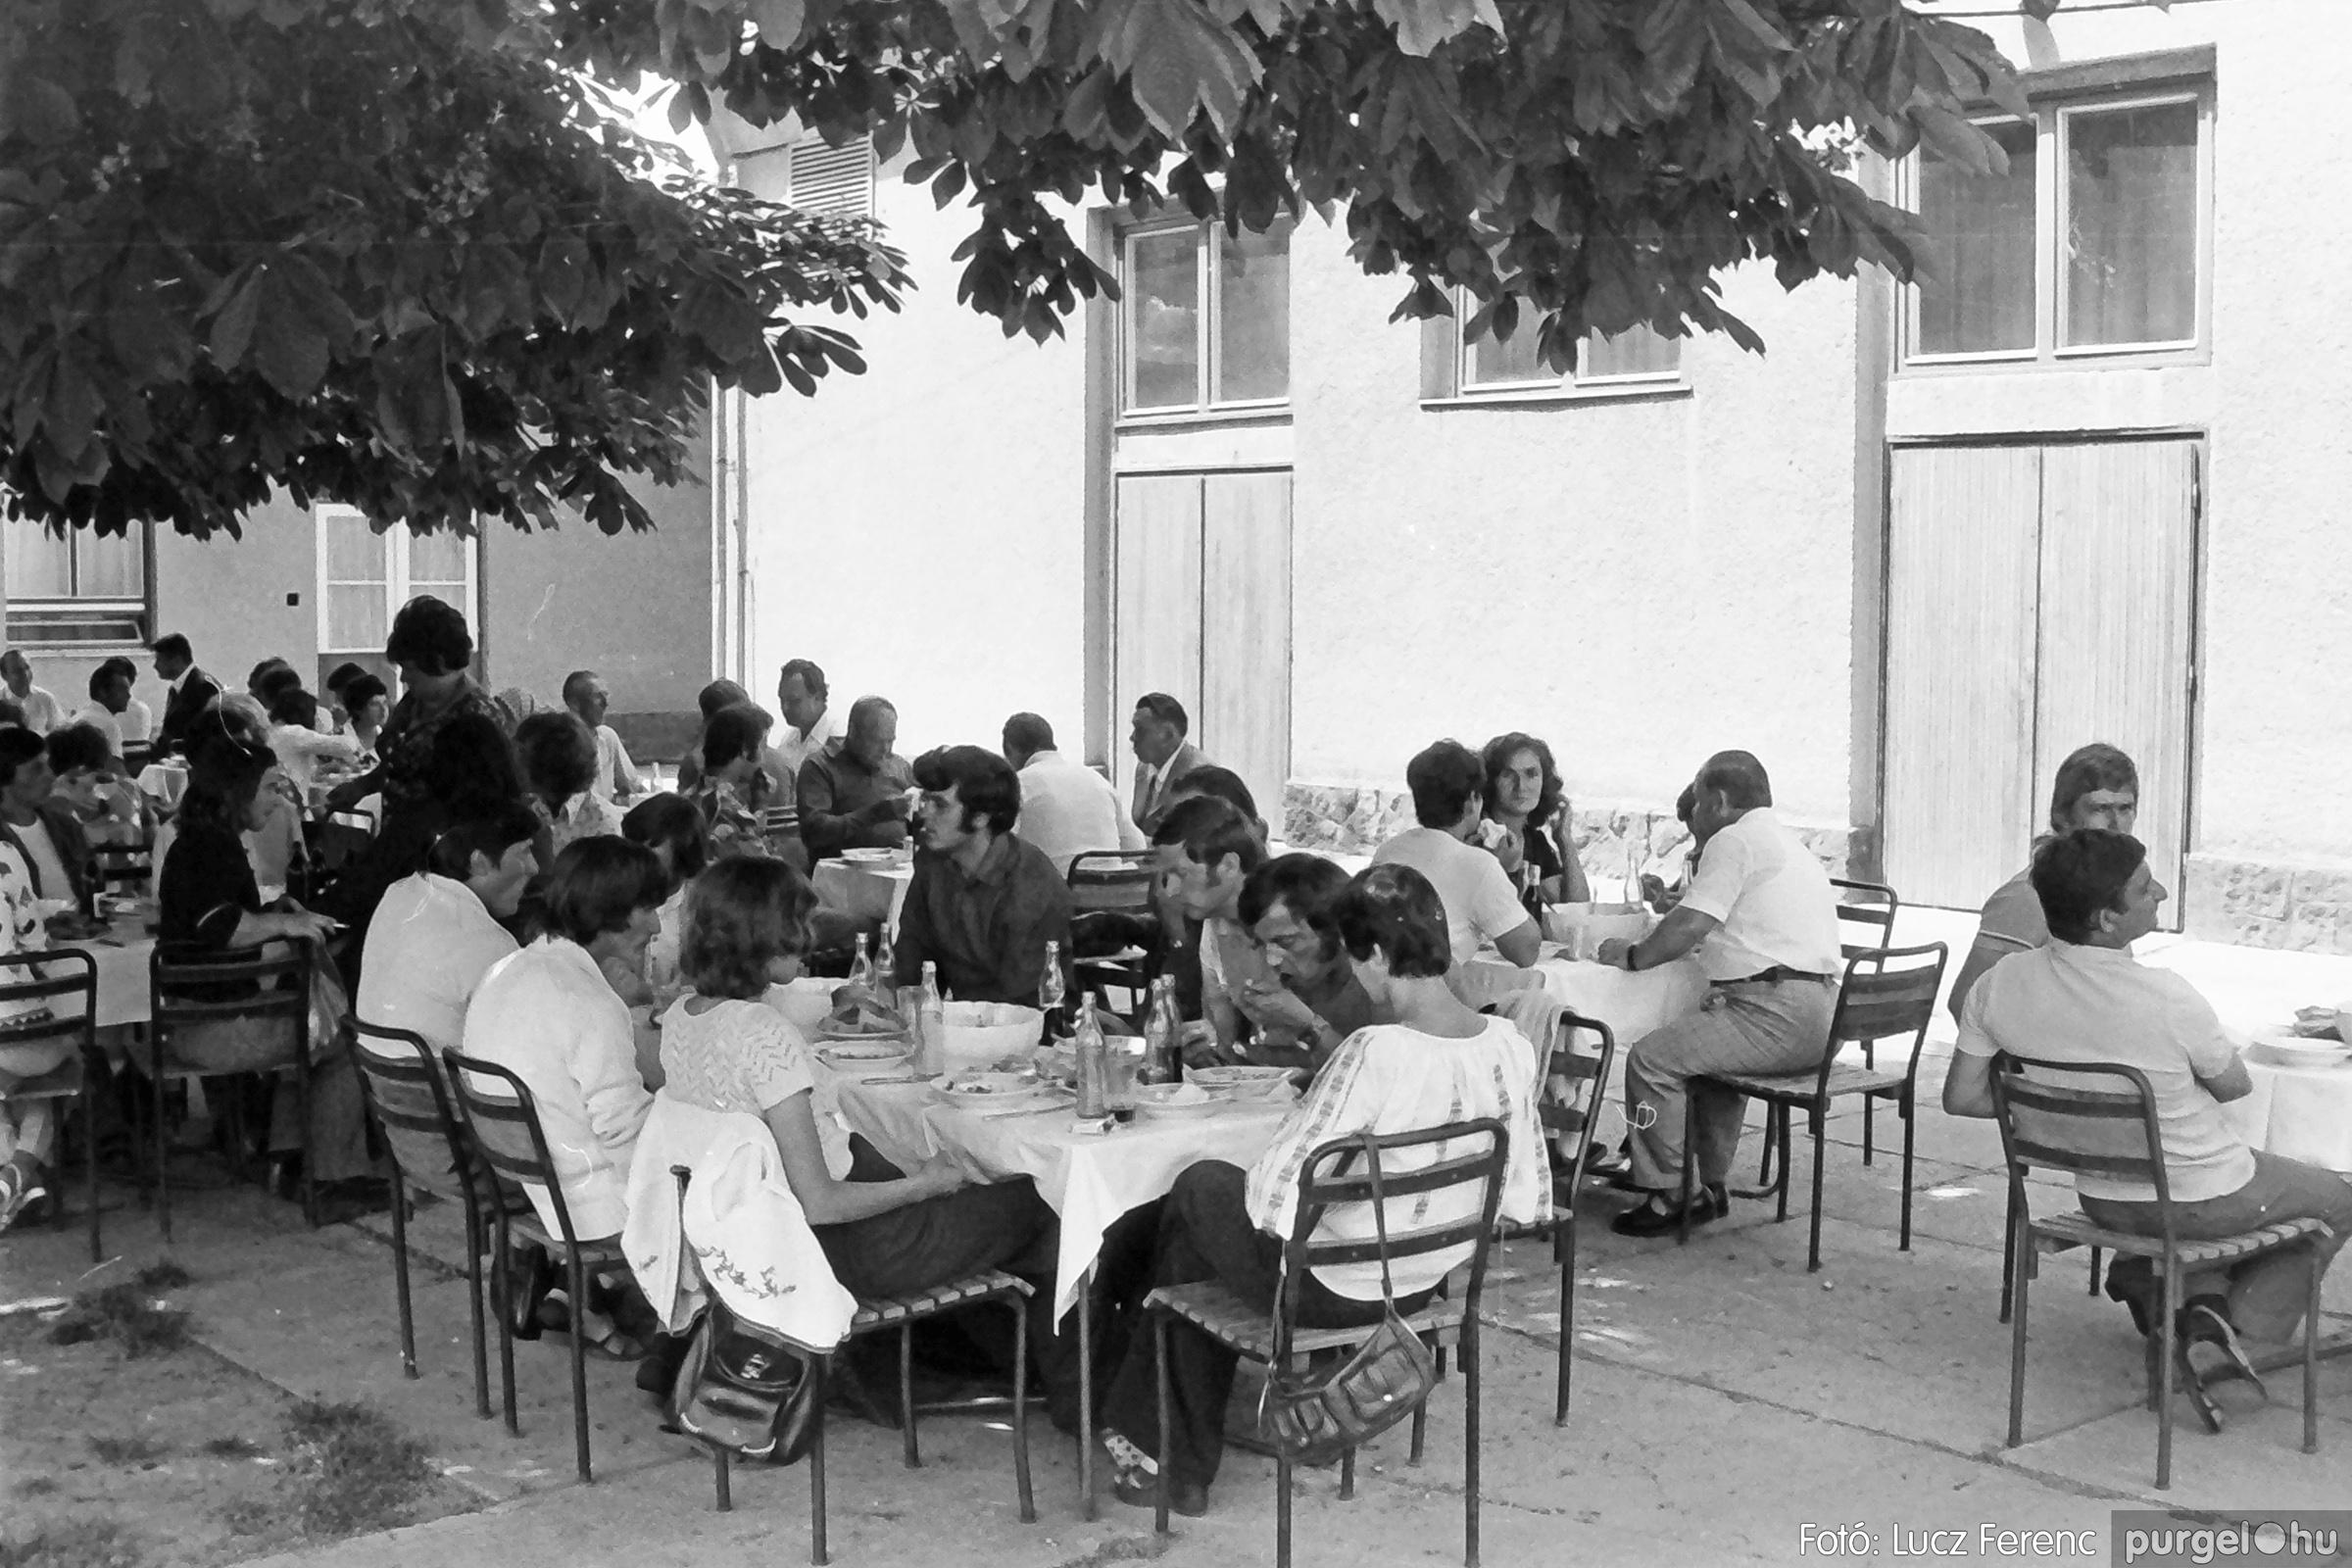 081. 1977. Kendergyári dolgozók vetélkedője 022. - Fotó: Lucz Ferenc.jpg